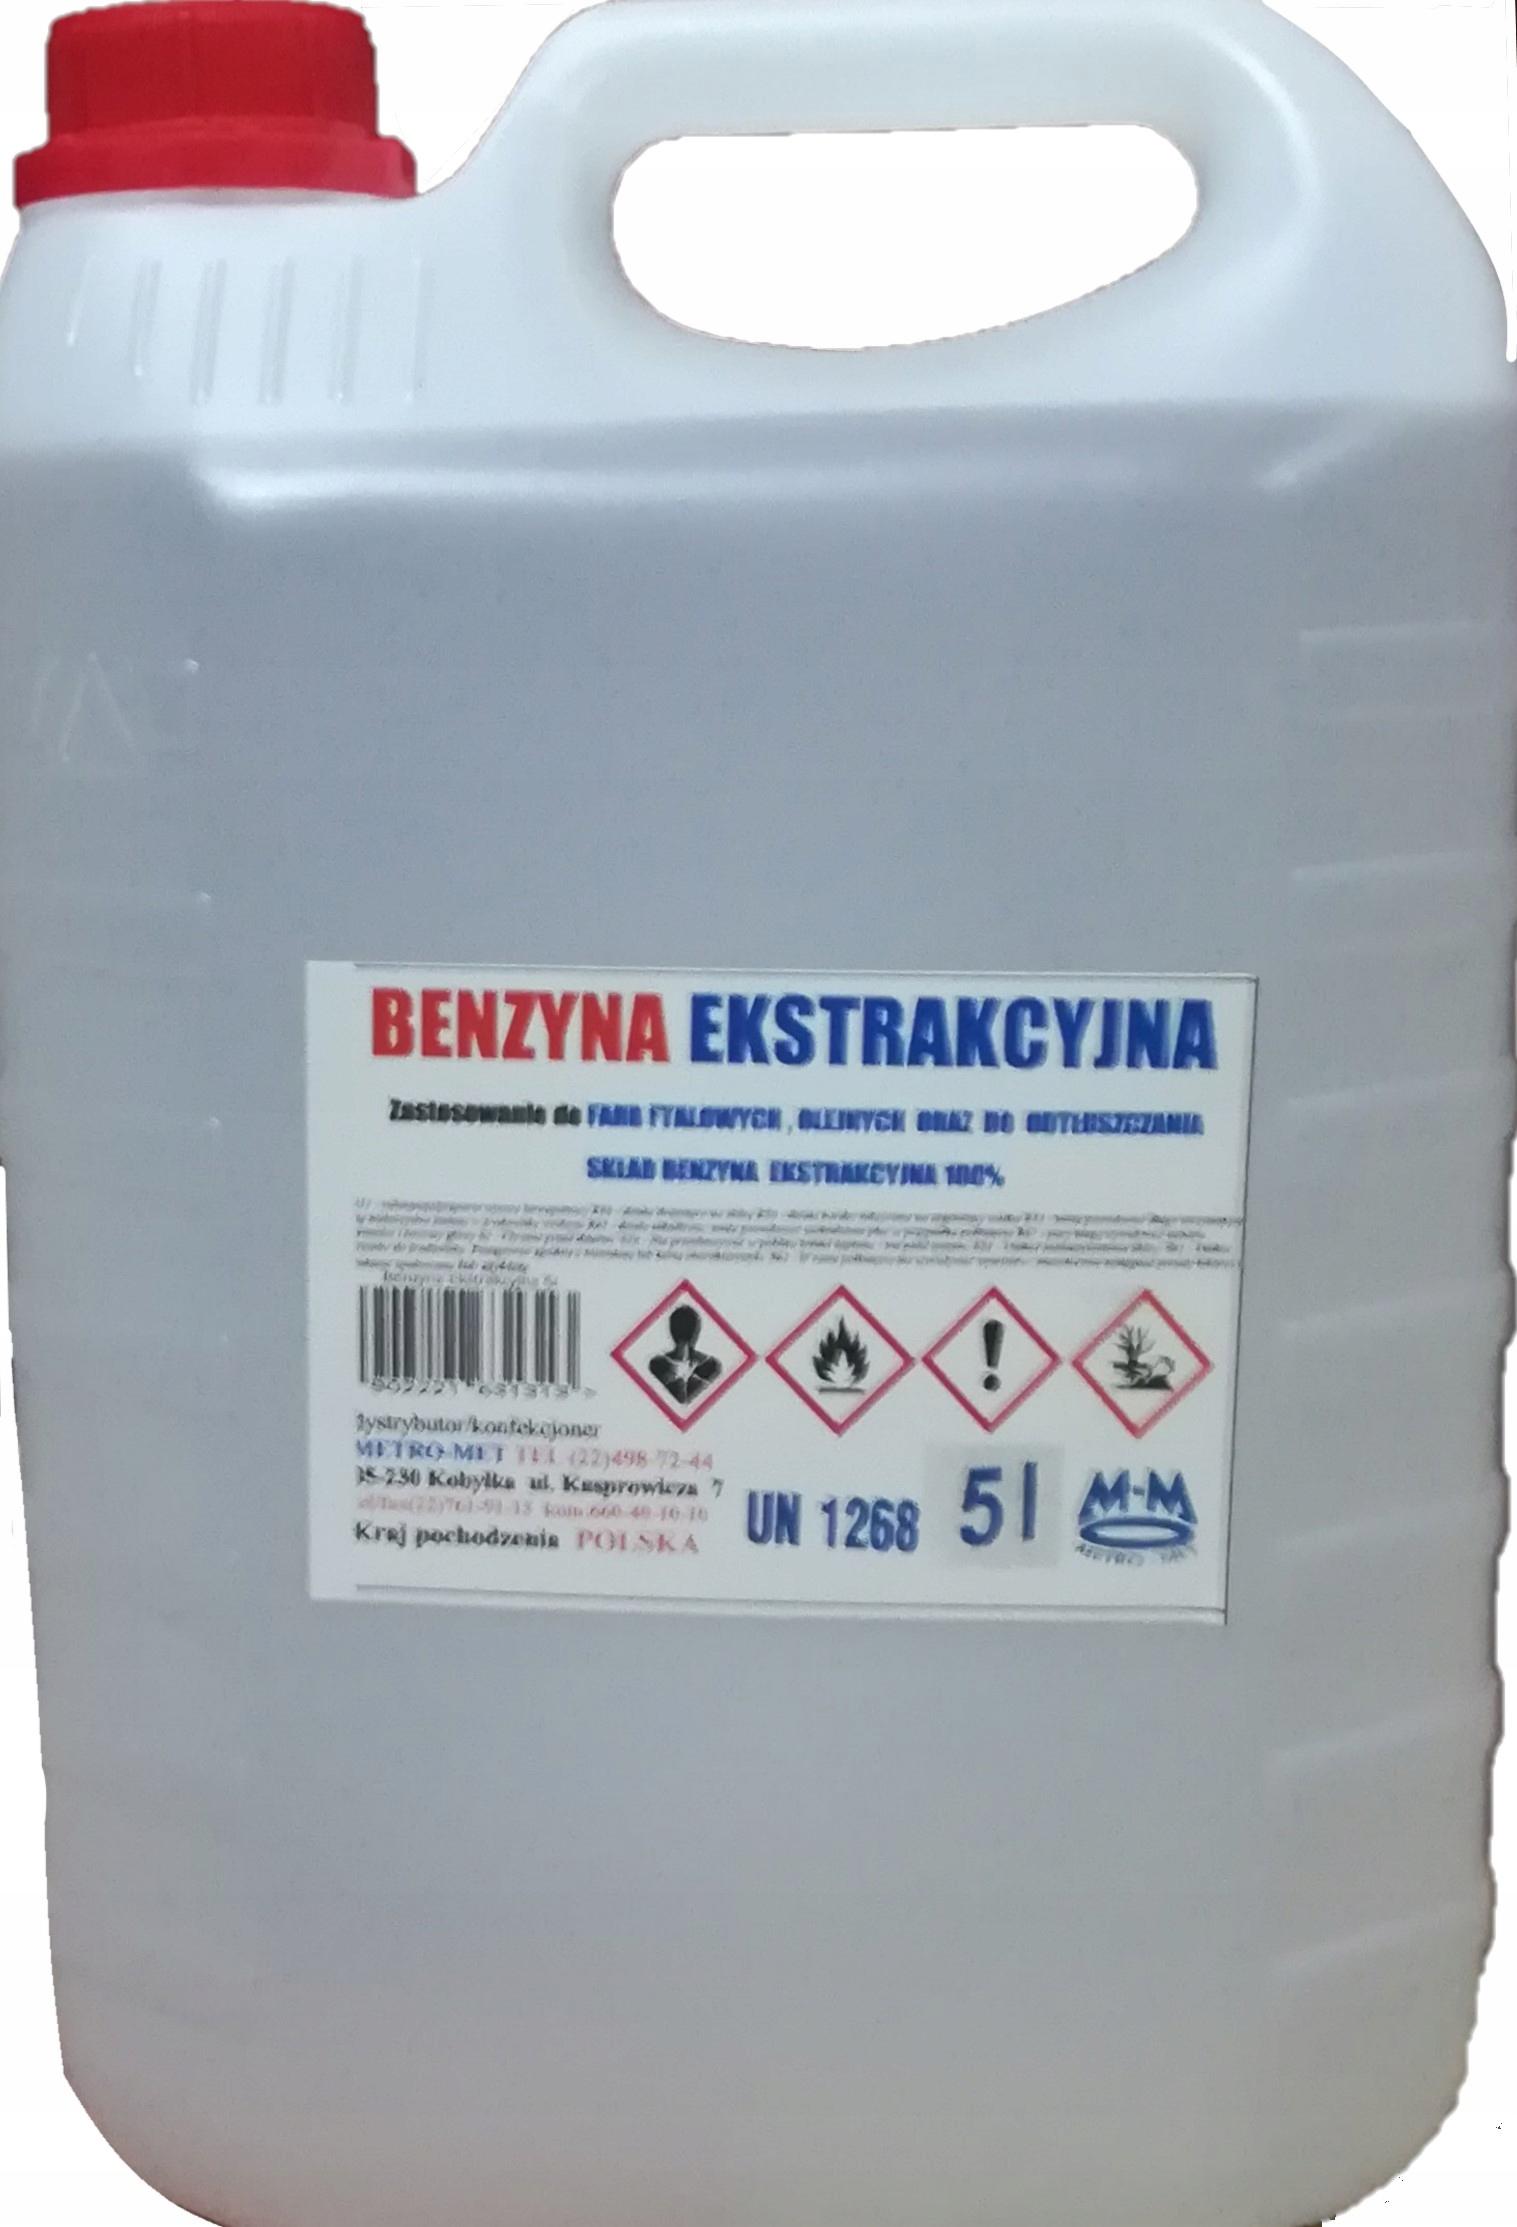 Benzyna Ekstrakcyjna 5 l - BEZZAPACHOWA - PROMOCJA